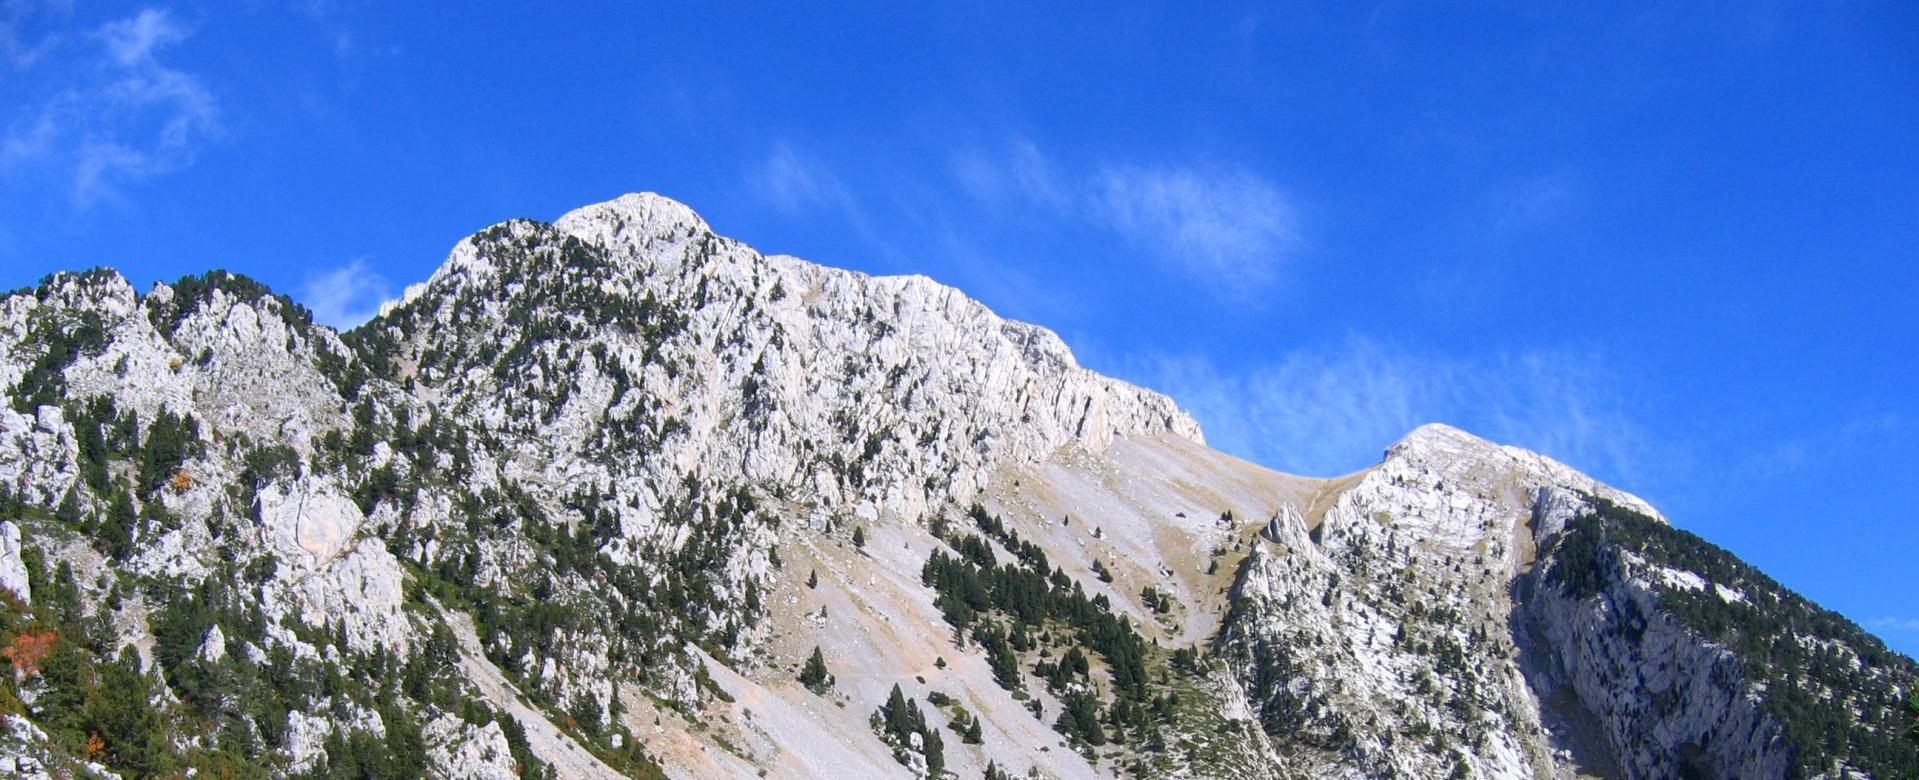 Voyage à pied : Sierra de cadi, rocheuses catalanes